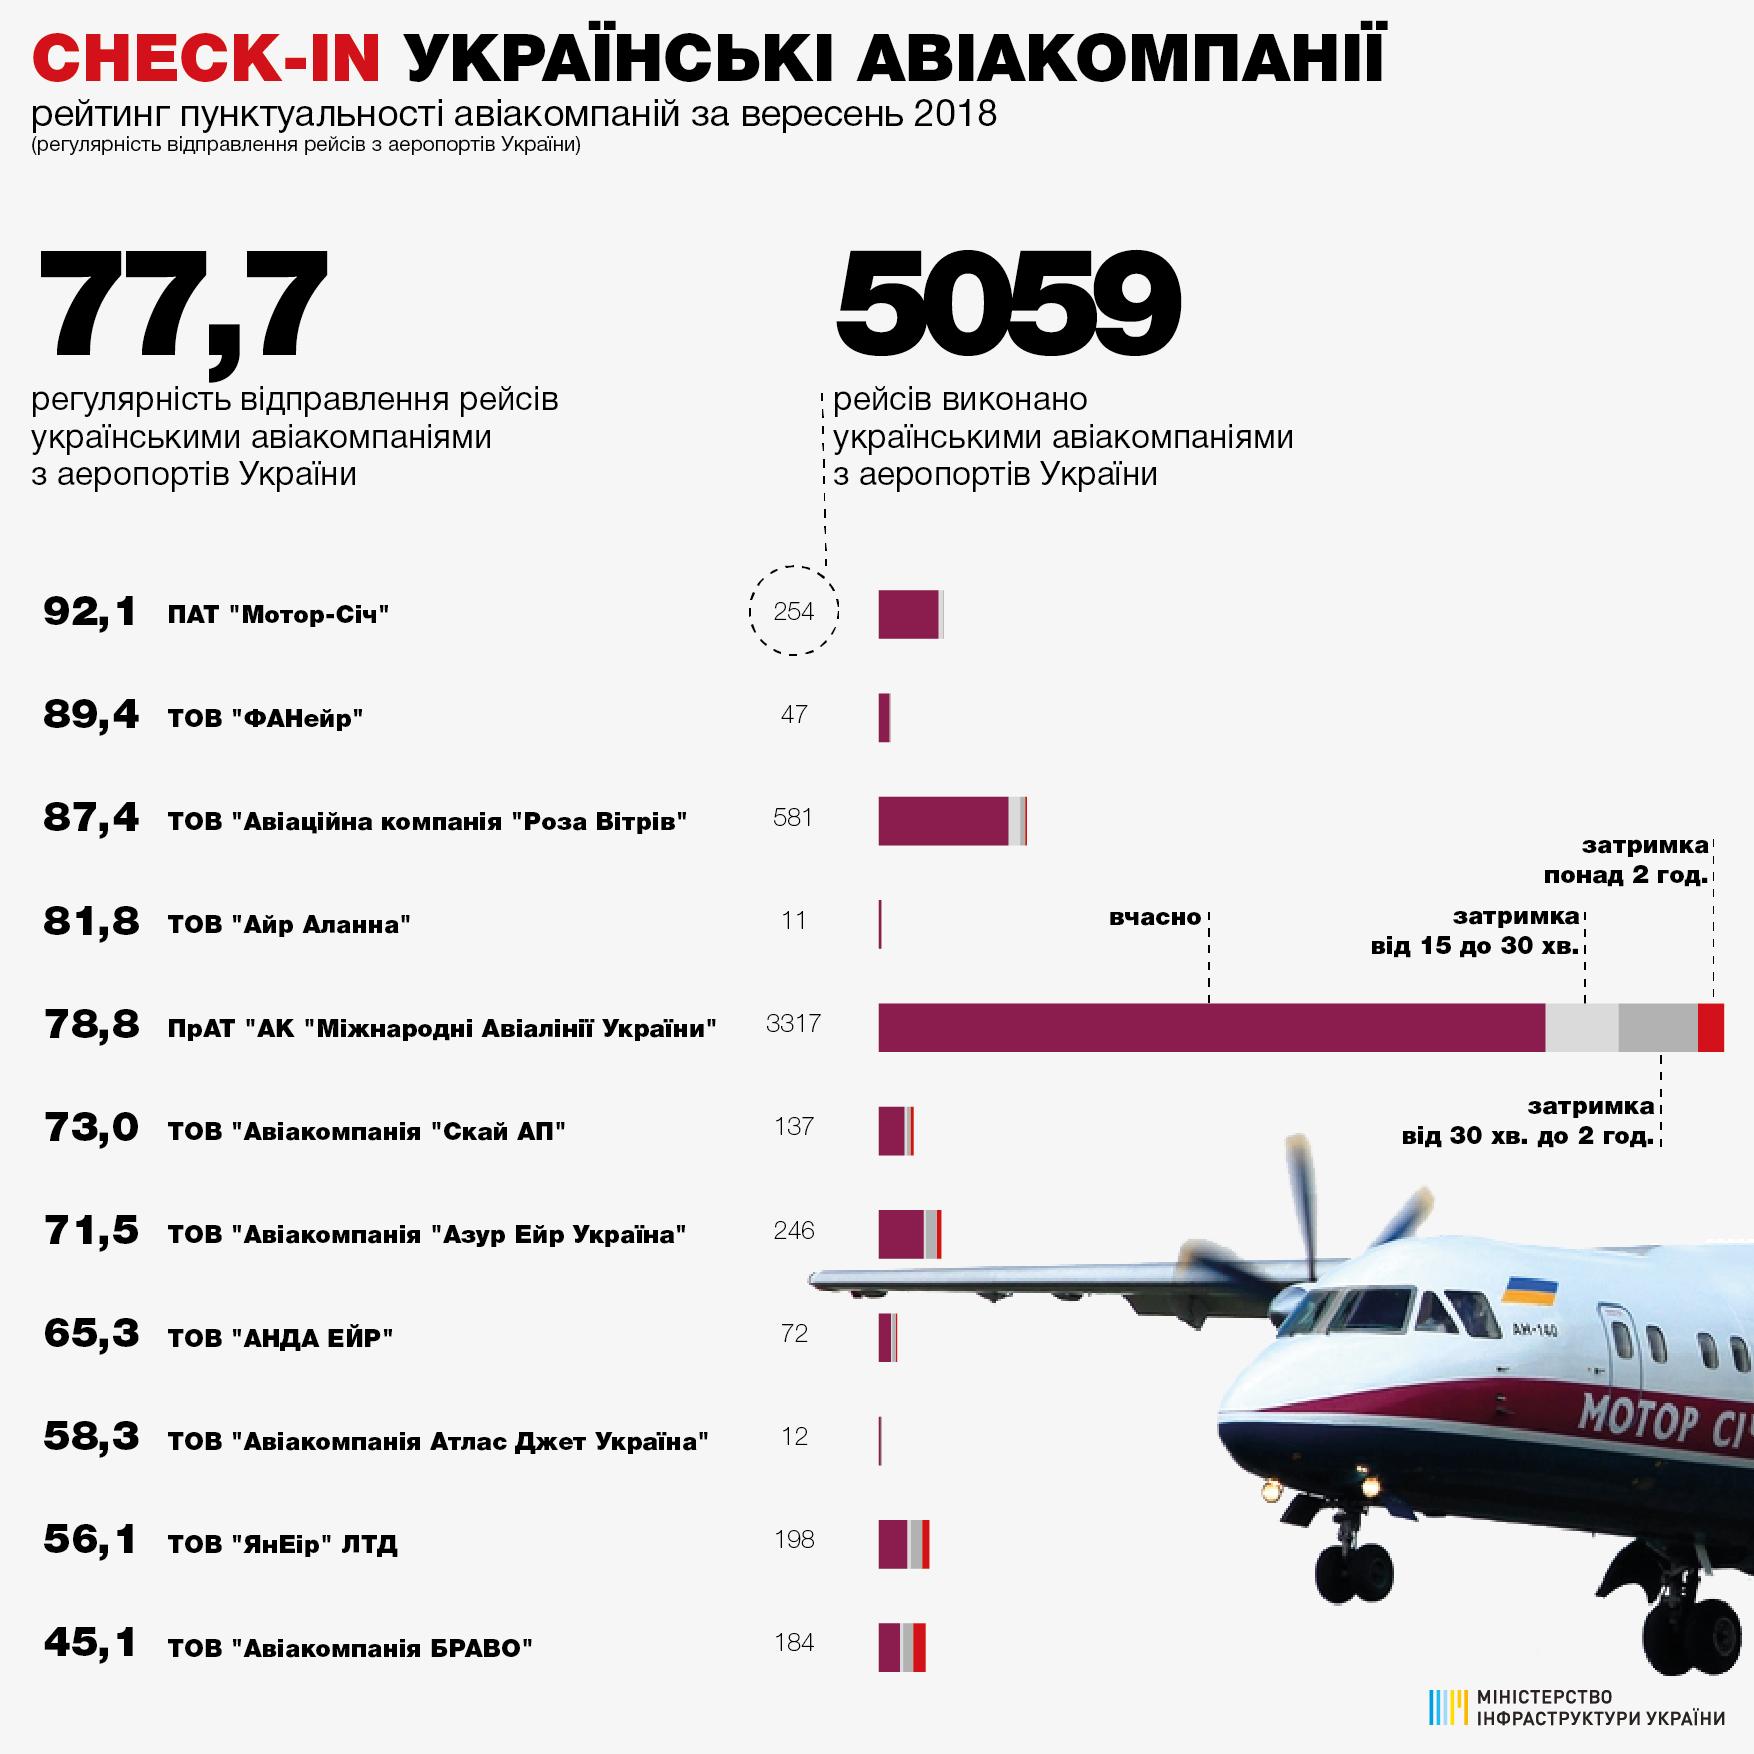 Рейтинг пунктуальности украинских авиакомпаний в сентябре 2018 года